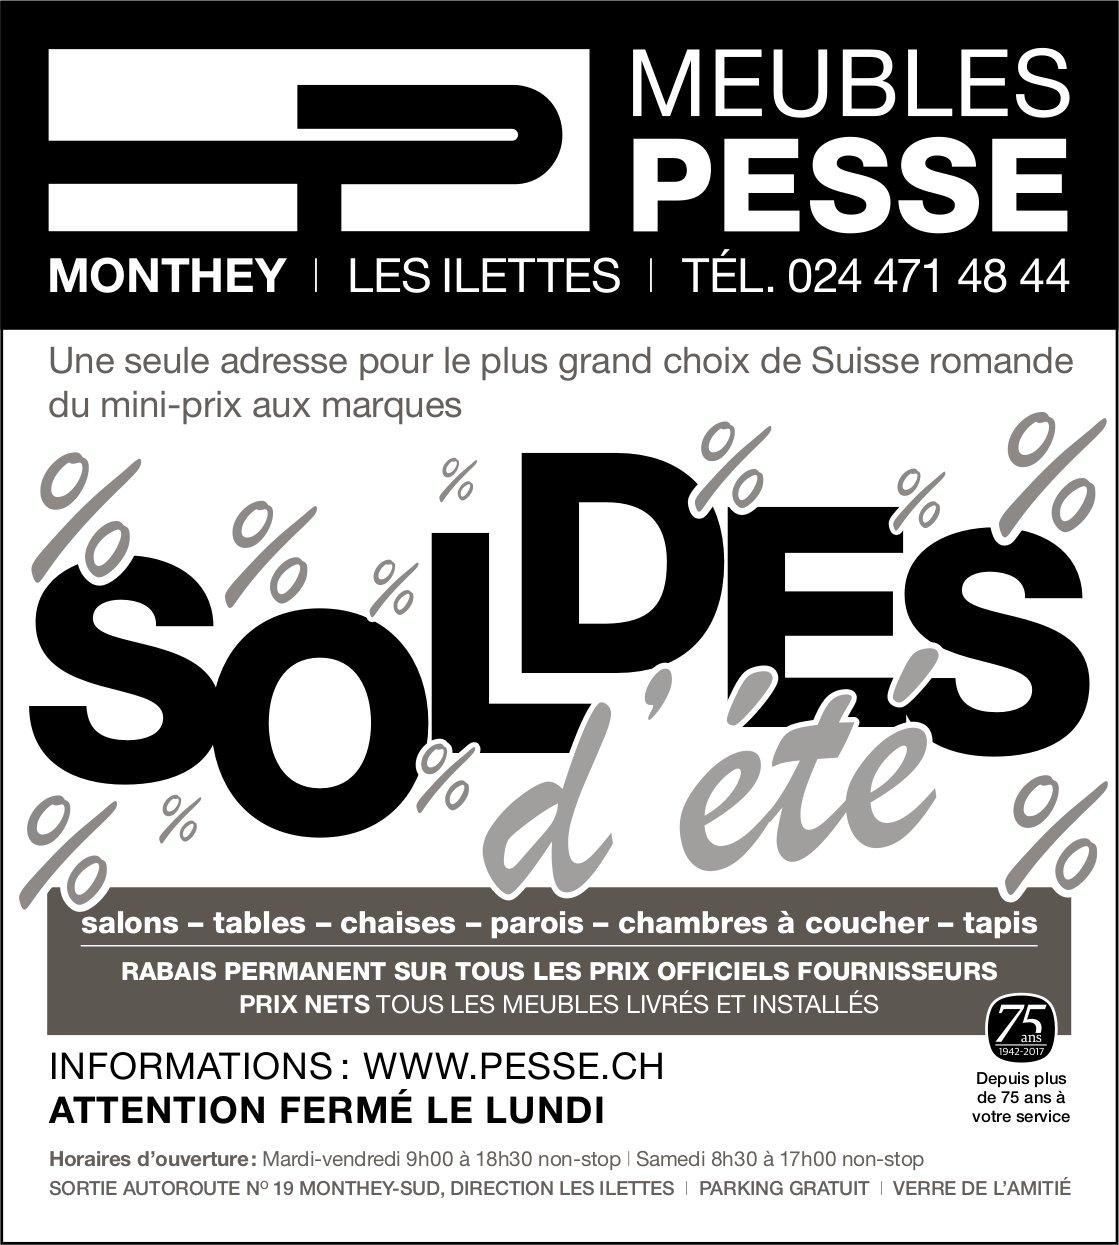 Meubles Pesse Monthey Soldes D Ete